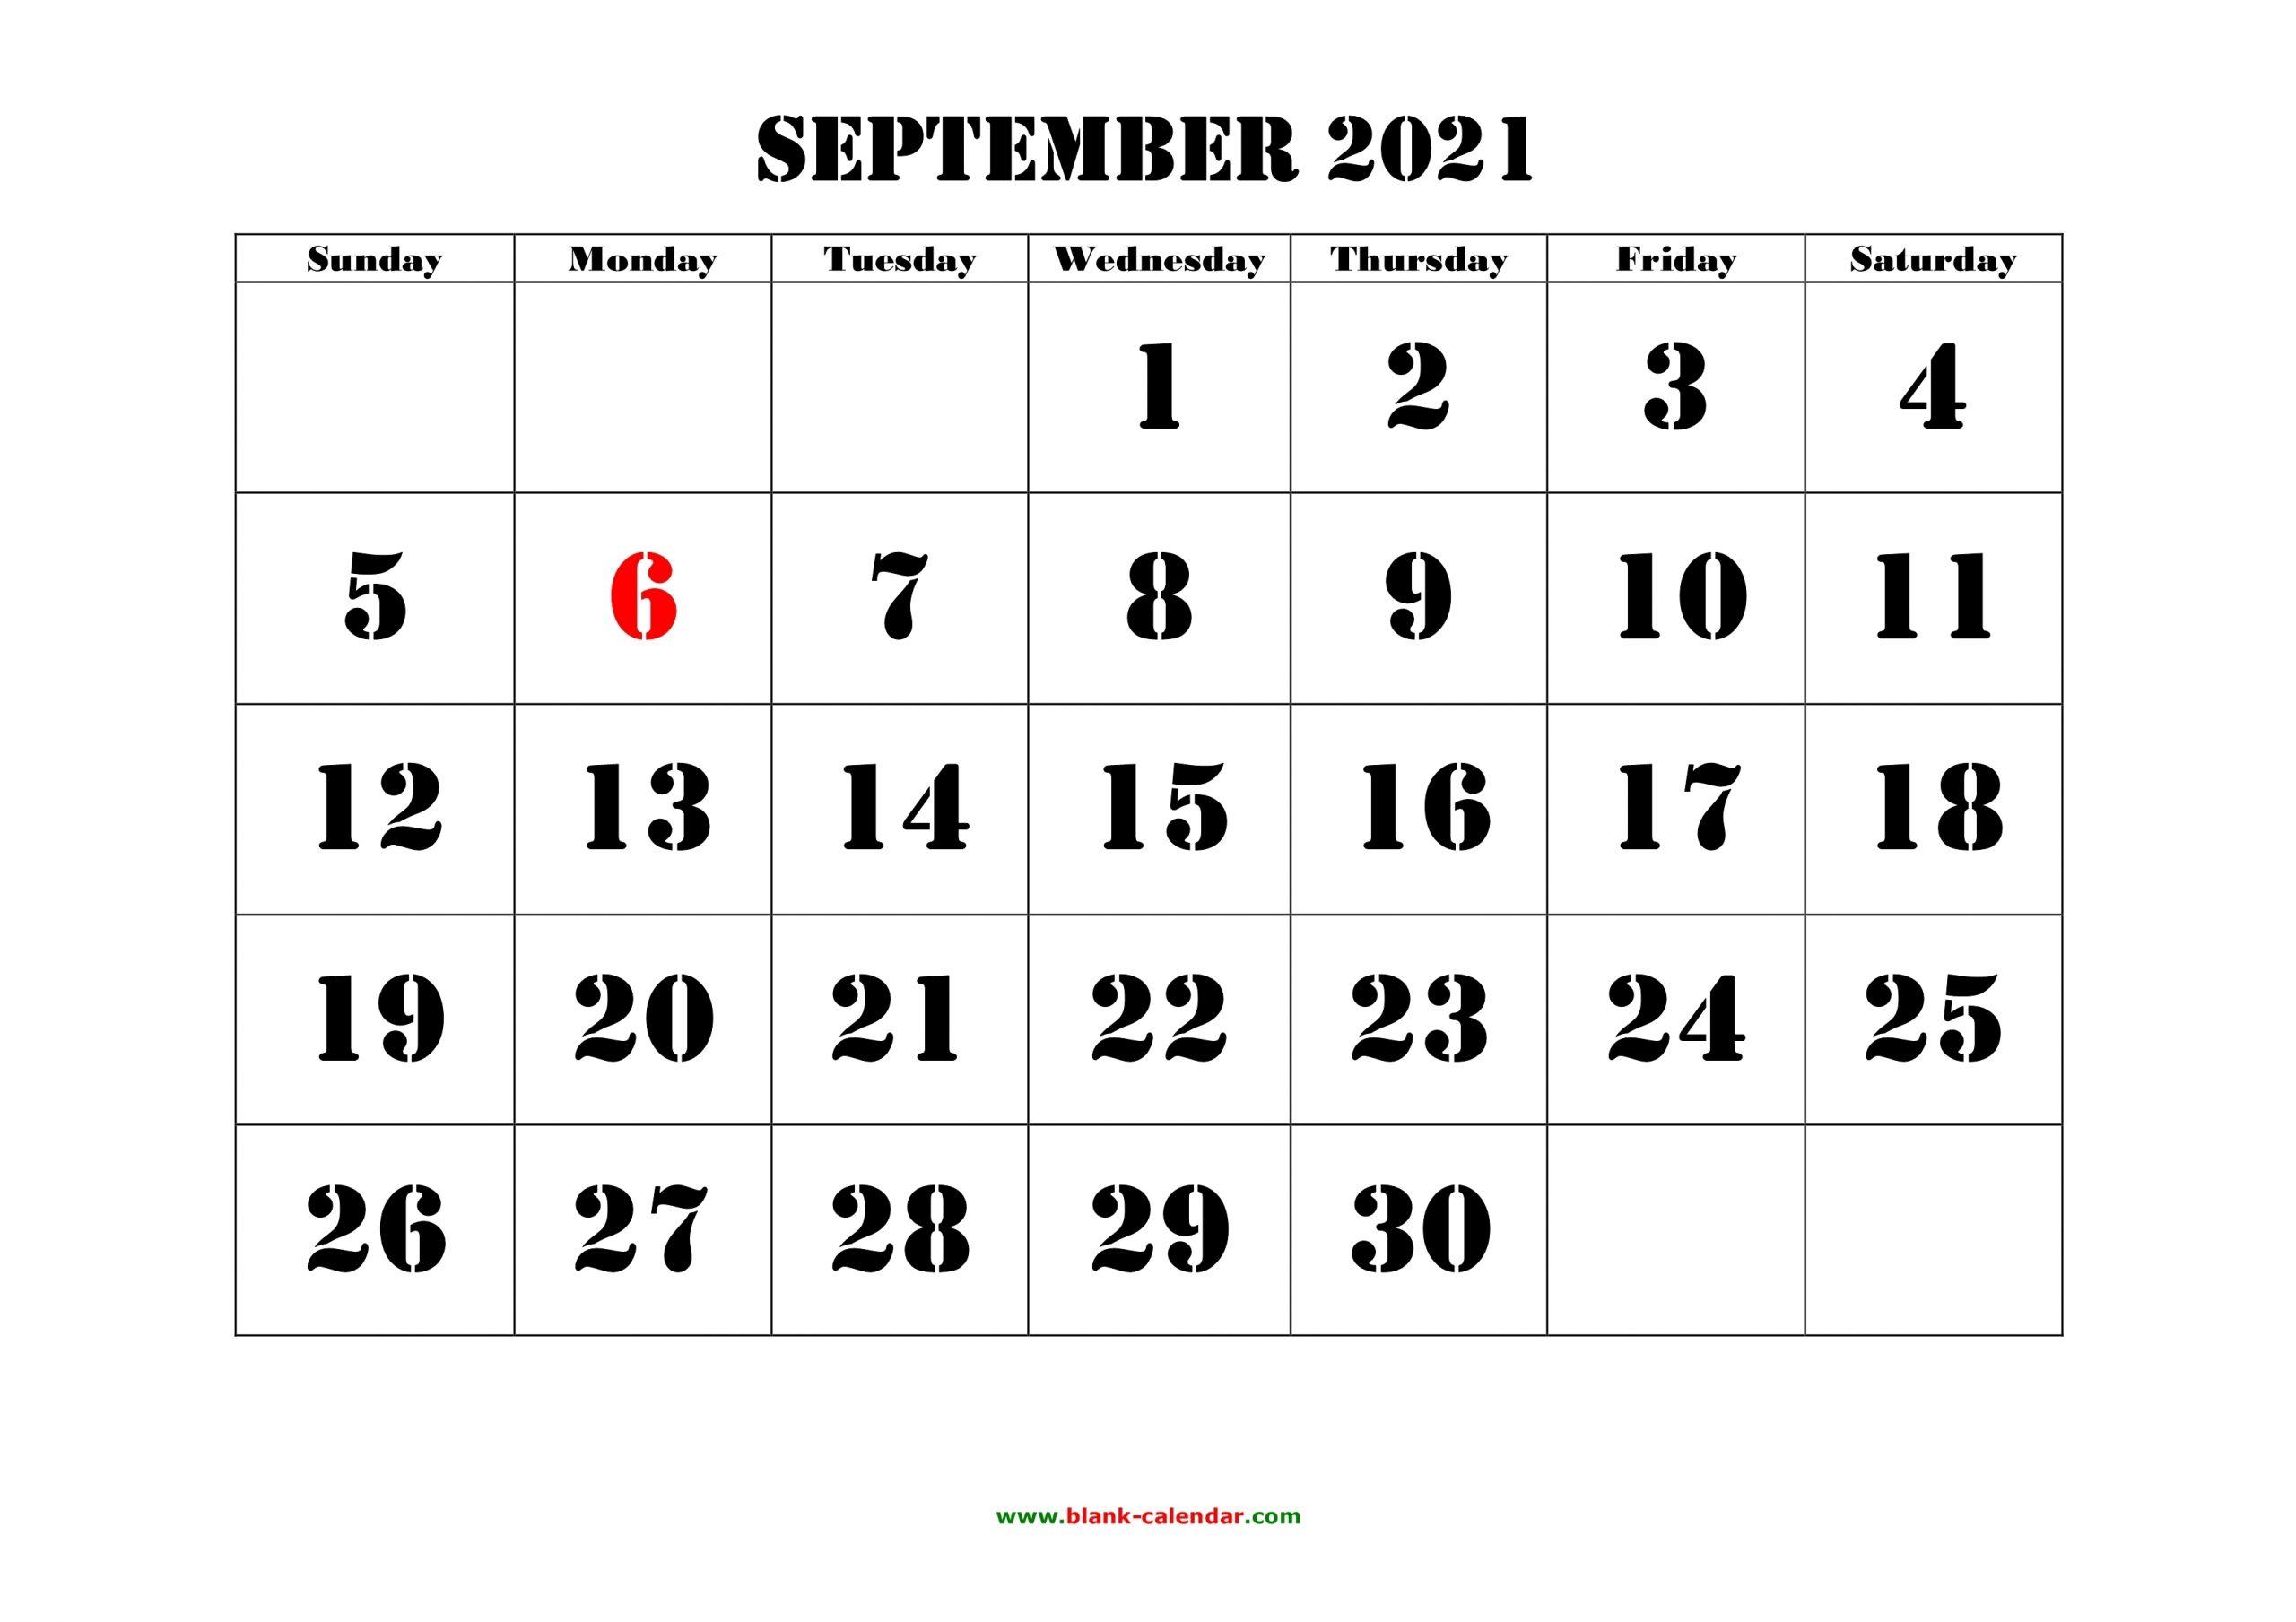 Catch Aug Sept Calendar 2021 Printable